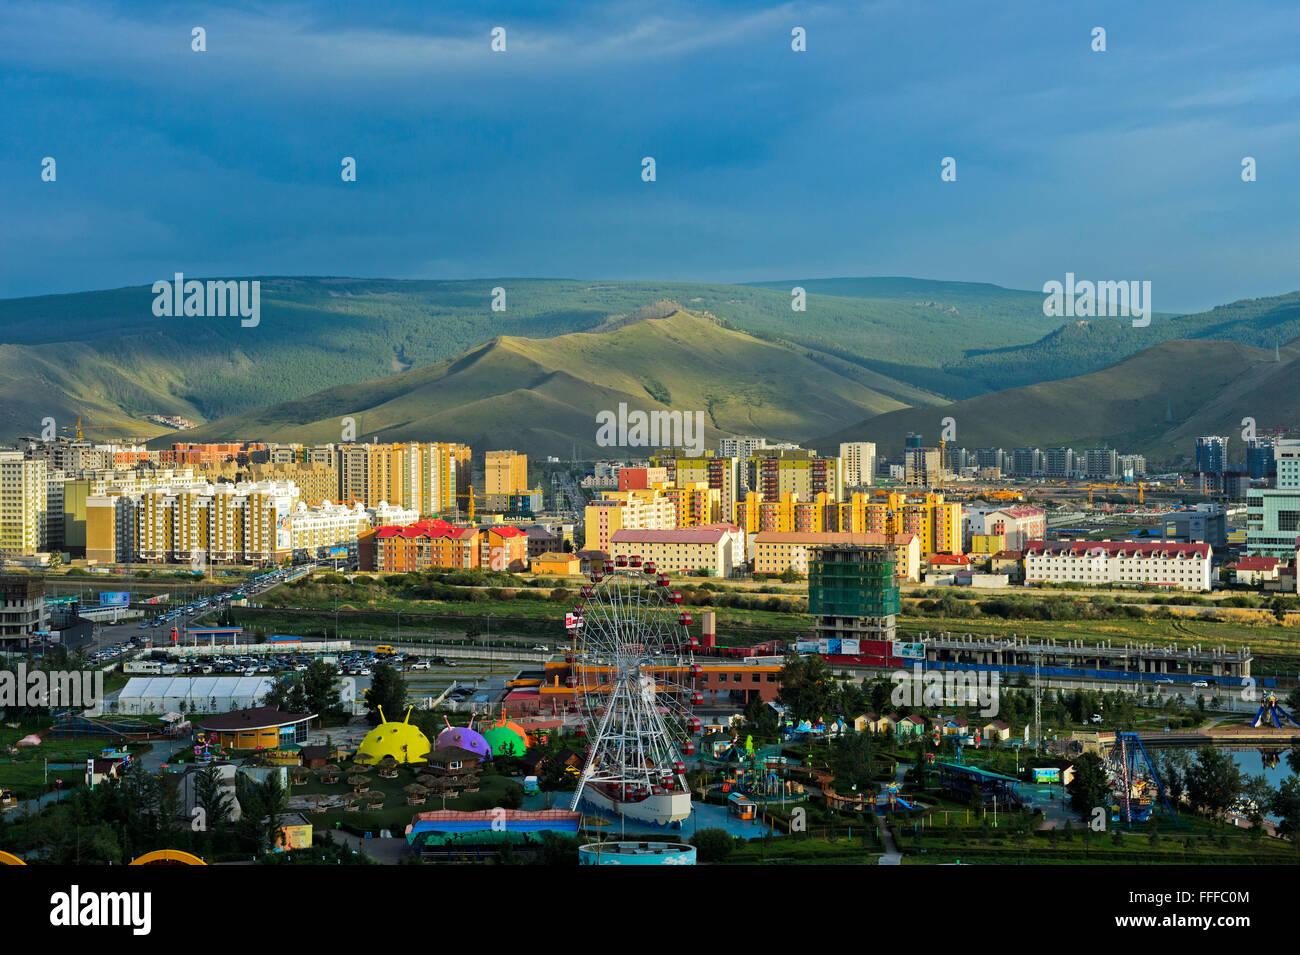 National Amusement Park, dietro il nuovo e moderno quartiere, Ulan Bator, Mongolia Immagini Stock